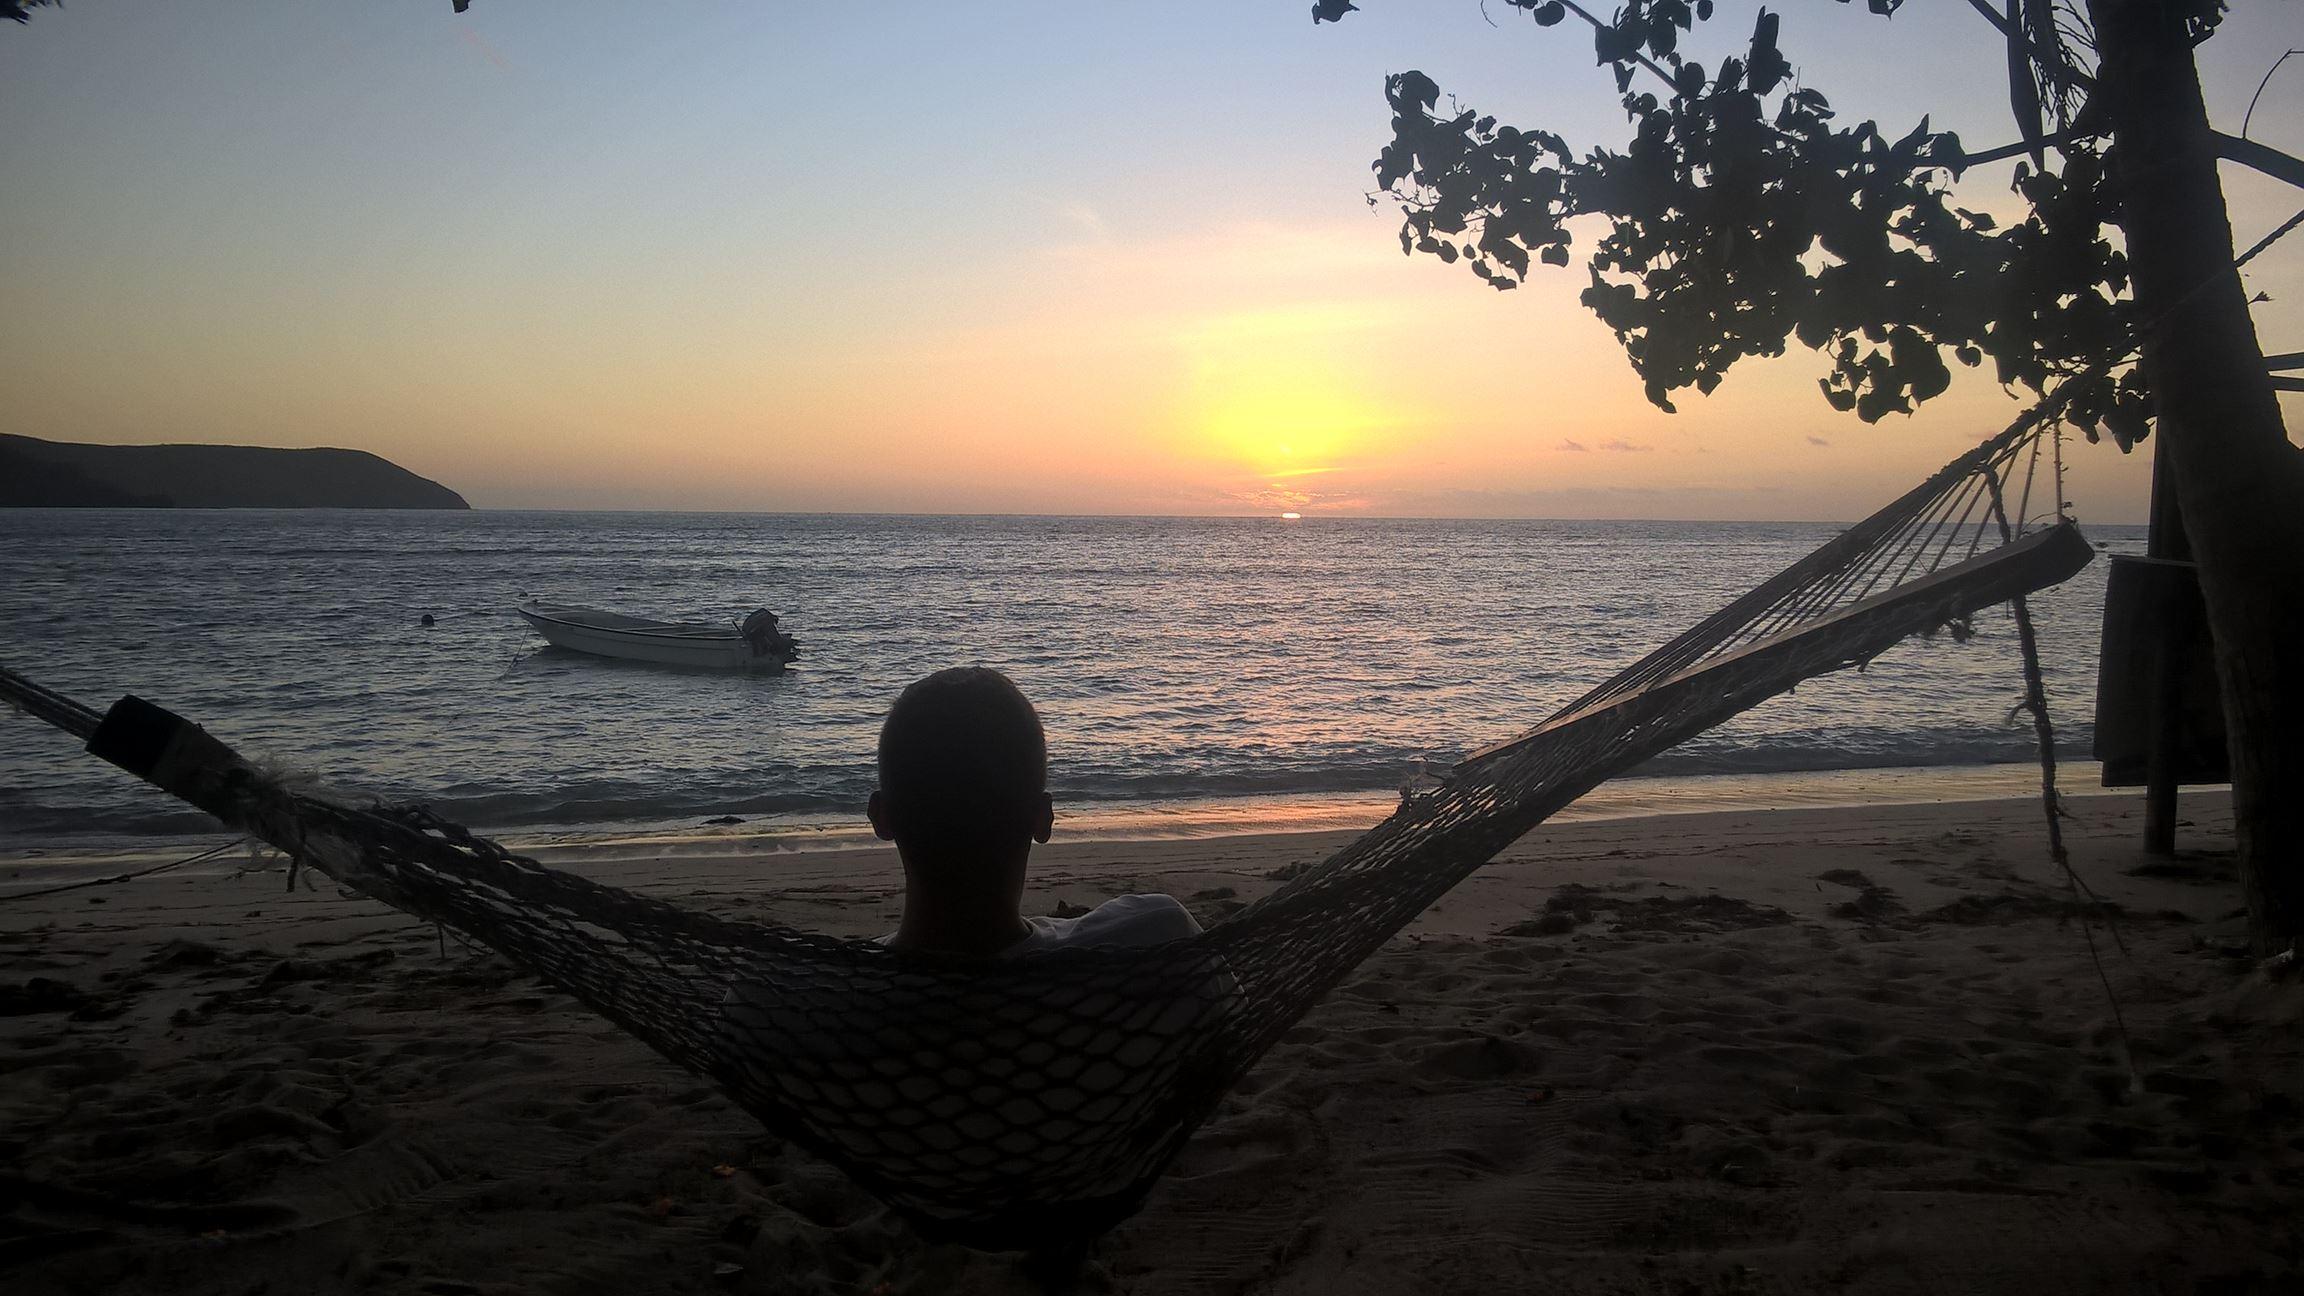 Sonnenuntergangsbild: Nicht nur ich will so ein Bild...